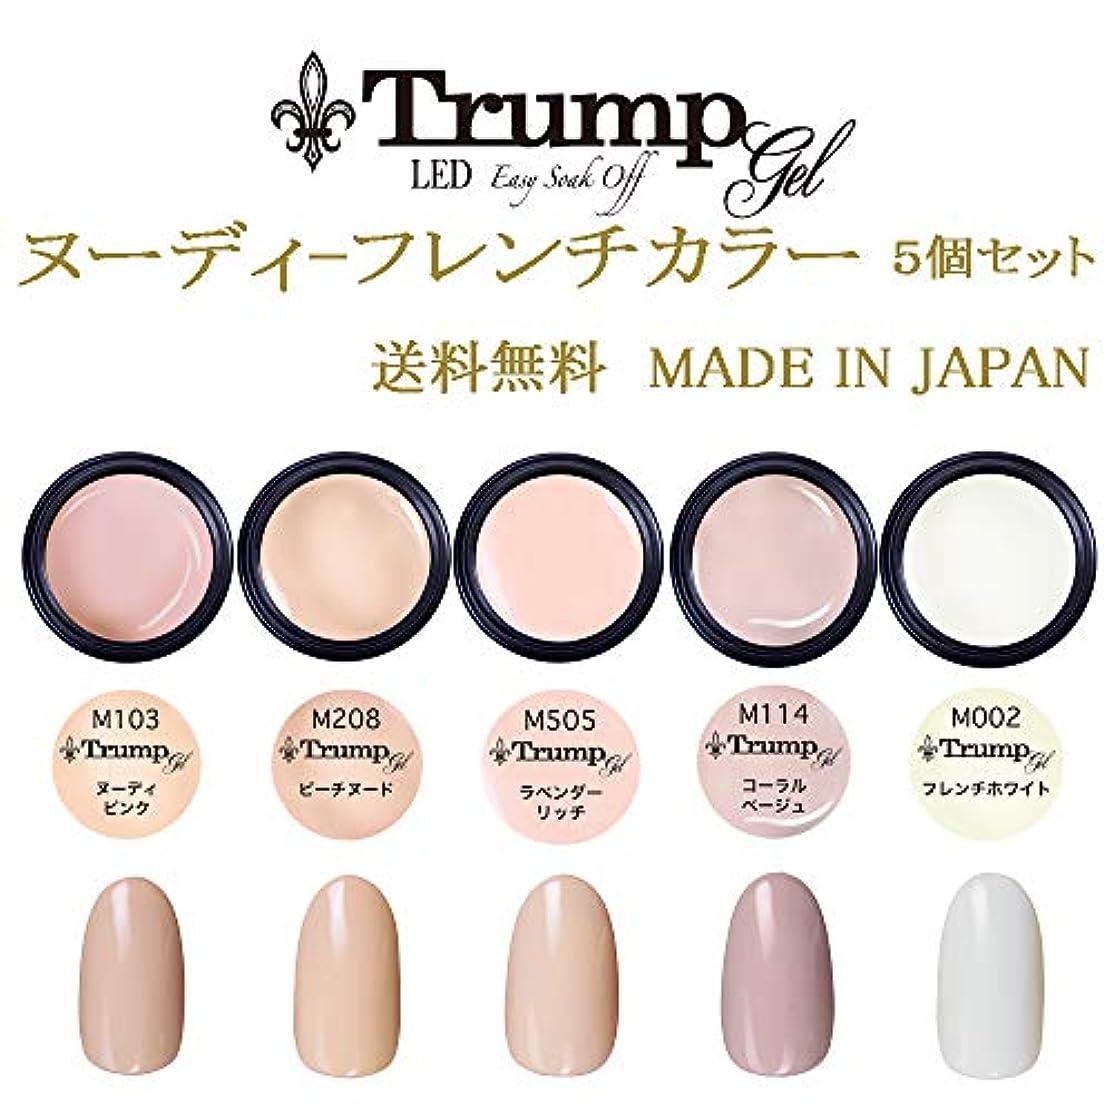 幽霊端末アクセサリー【送料無料】日本製 Trump gel トランプジェルヌーディフレンチカラージェル 5個セット 肌馴染みの良い ヌーデイフレンチカラージェルセット